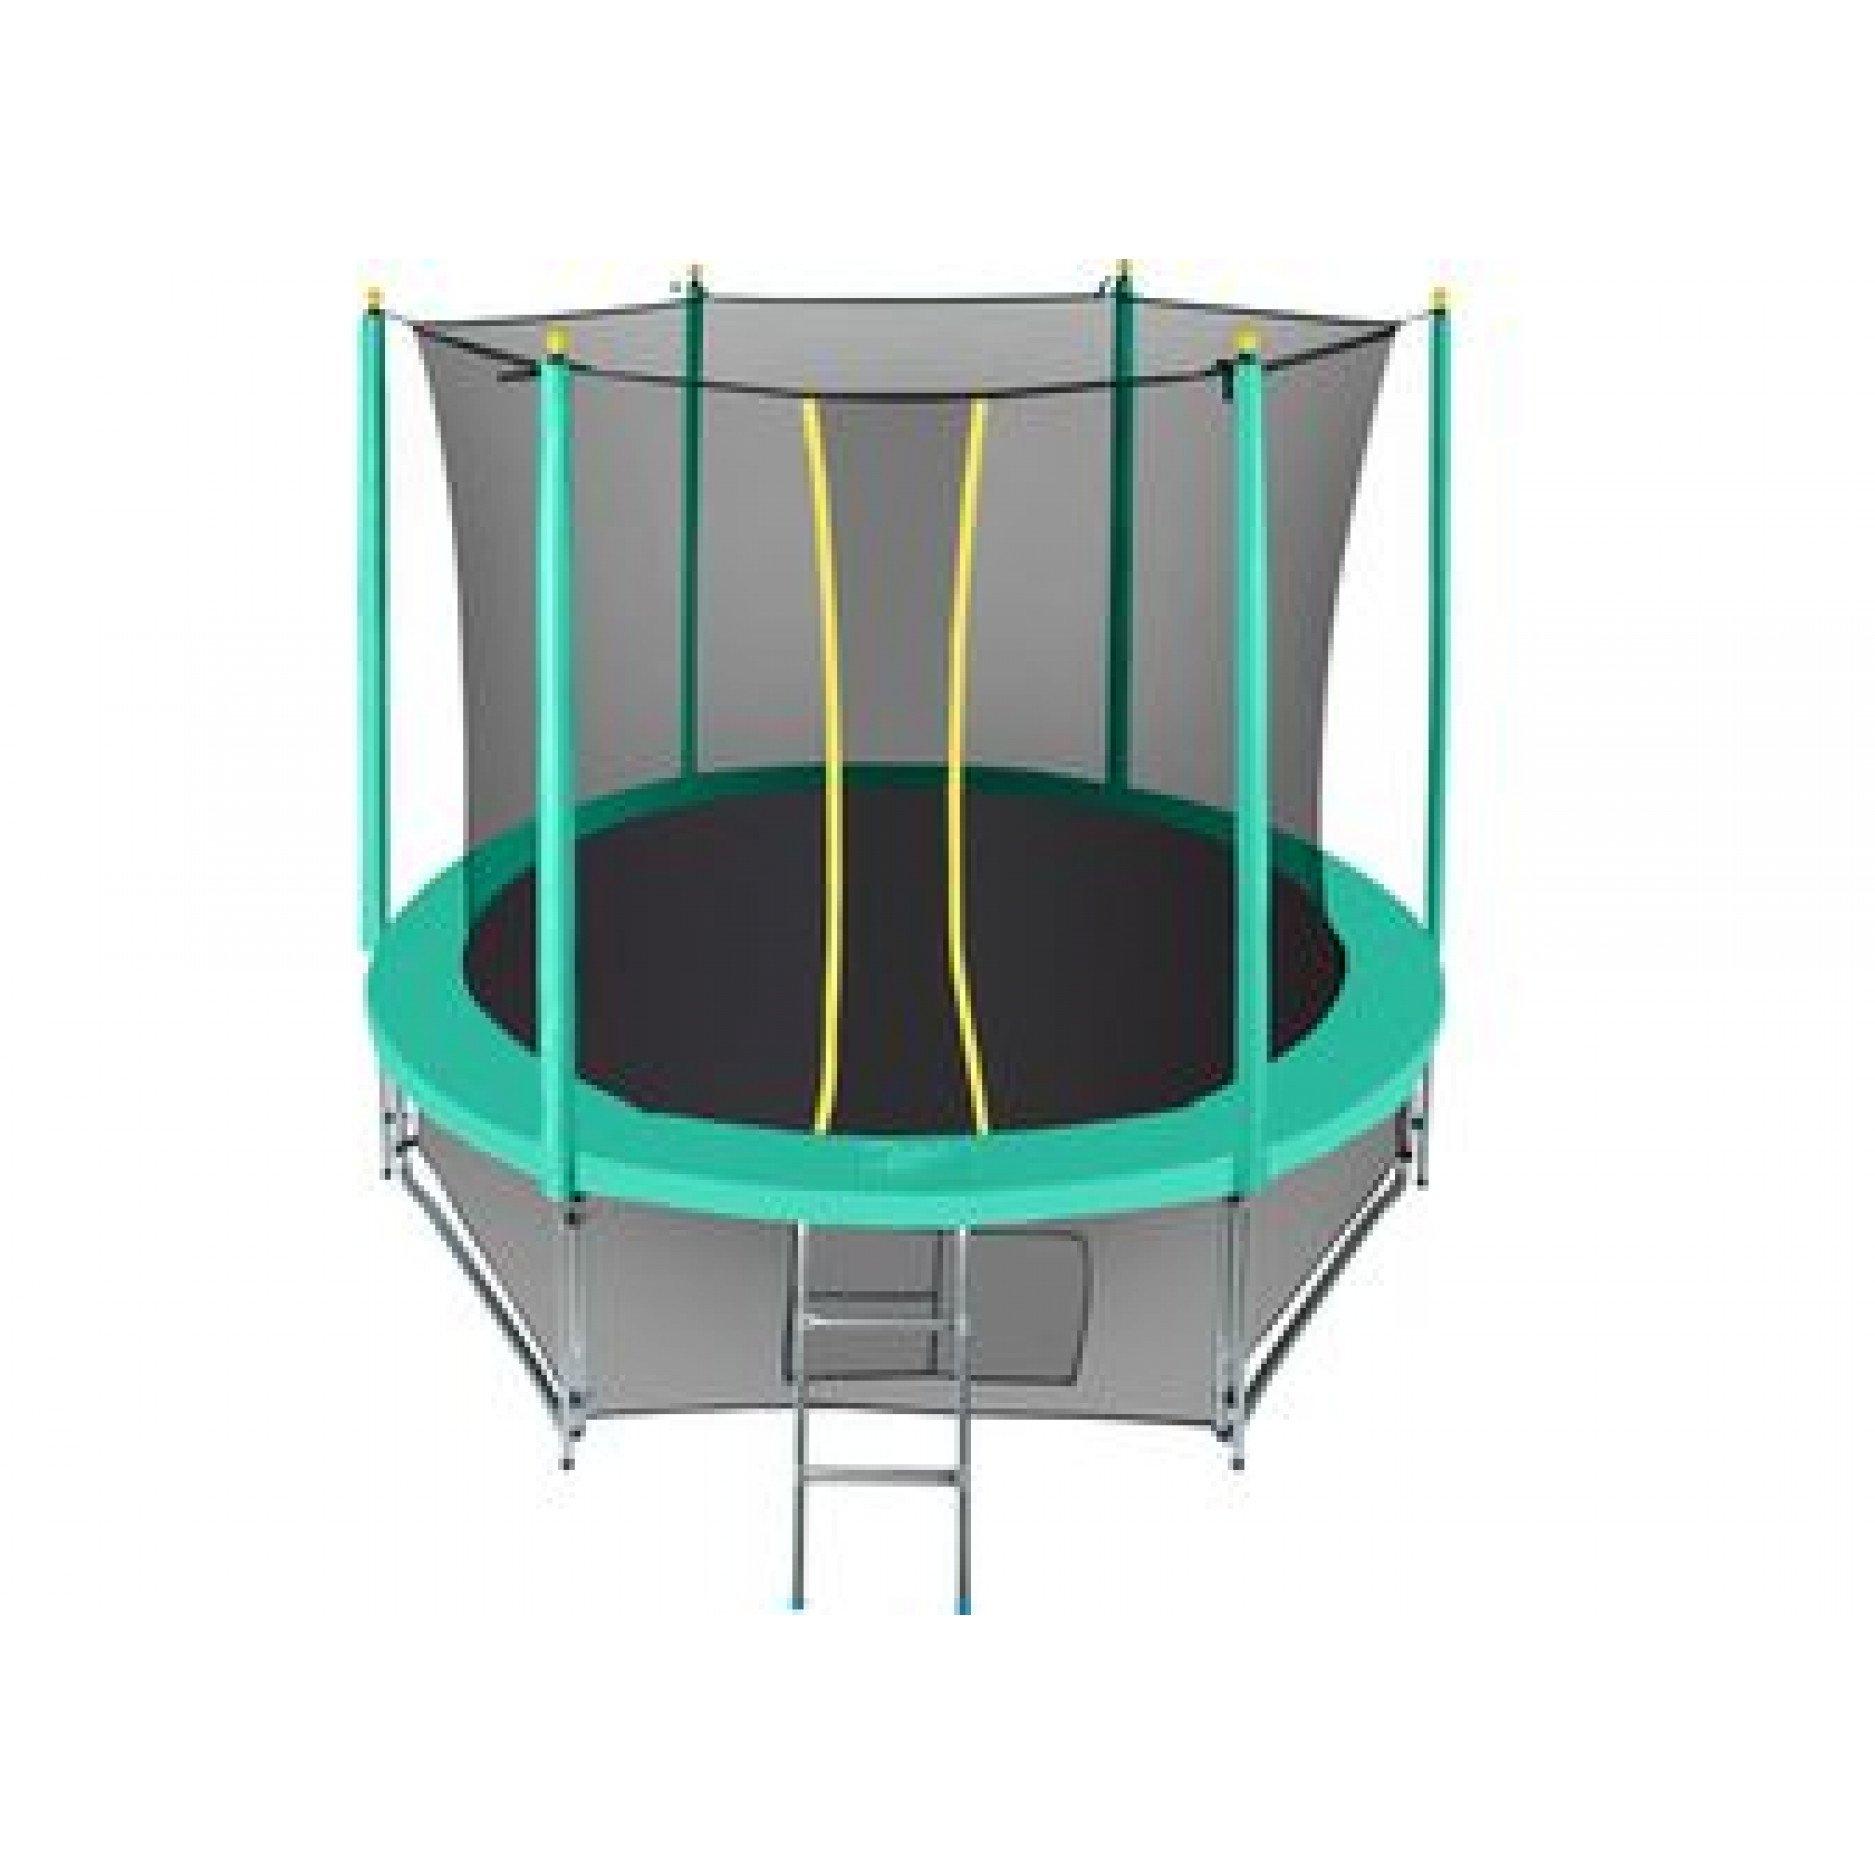 Батут Hasttings Classic green 8ft (2.44 м) с внутренней сеткой